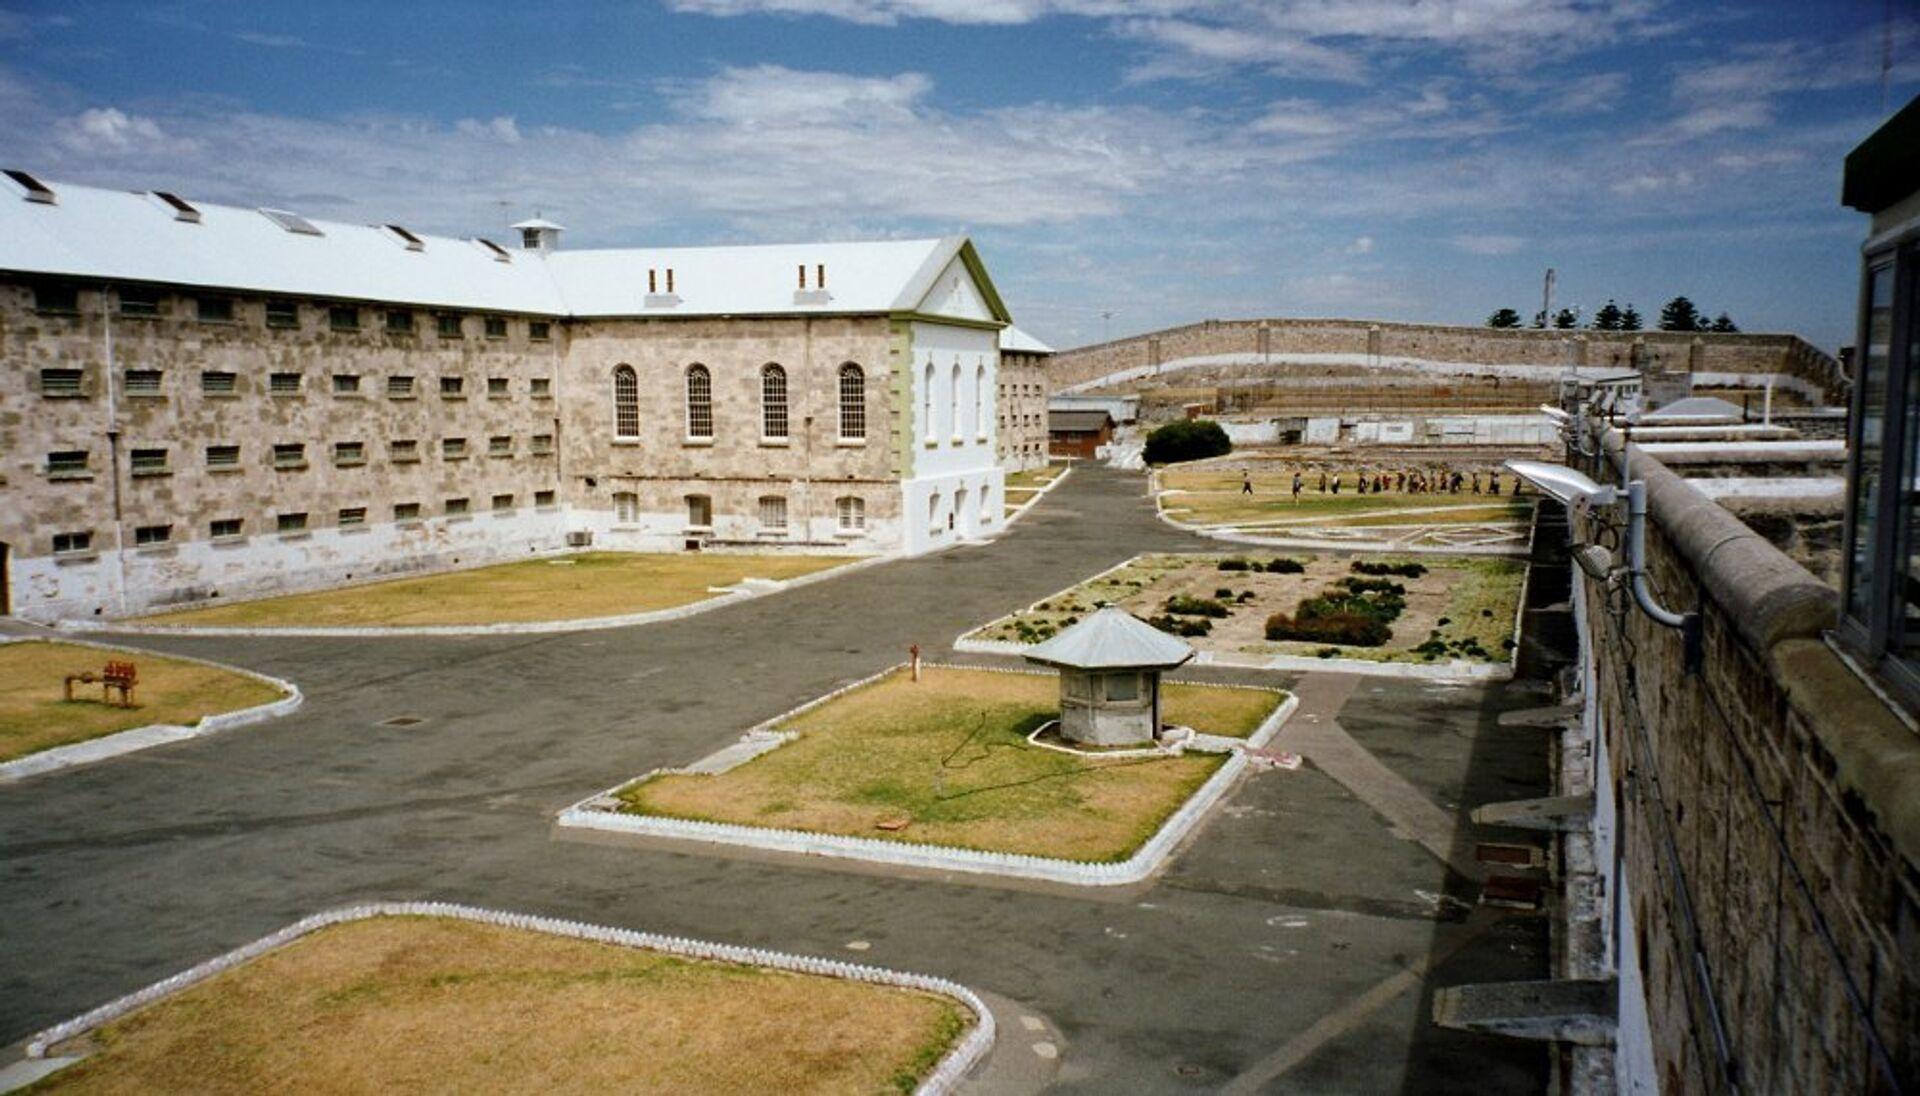 Двор австралийской тюрьмы Фримантл  - РИА Новости, 1920, 25.01.2021